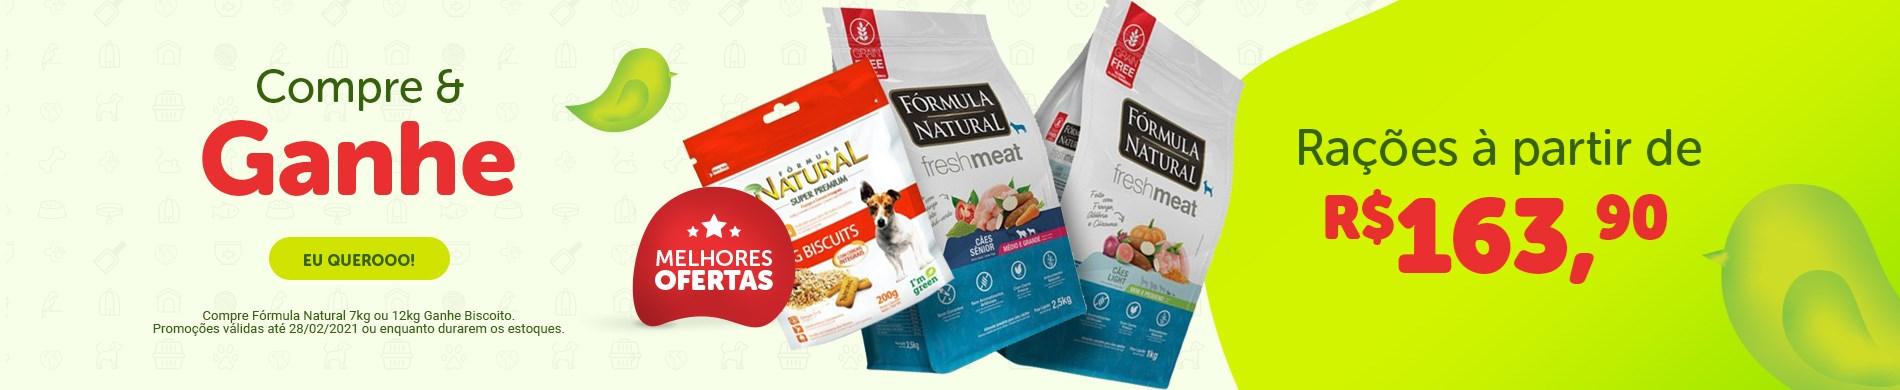 Promoção Ração Fórmula Natural para cachorro| Compre e ganhe 1 biscoito